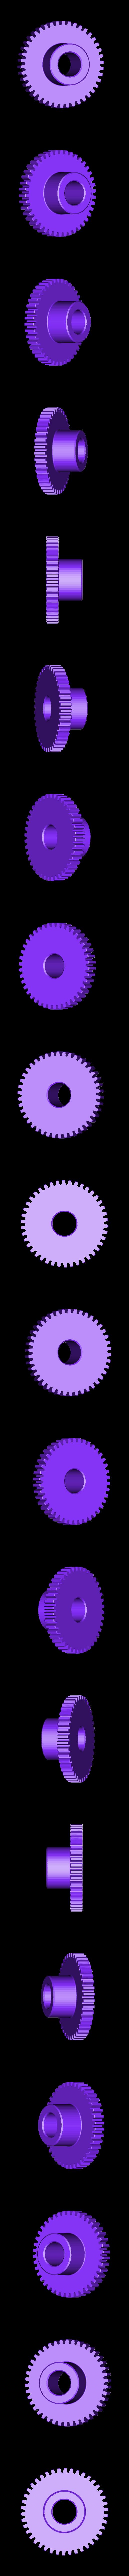 gear_test_smallest.stl Télécharger fichier STL gratuit Engrenages imprimés 3D • Modèle à imprimer en 3D, marigu